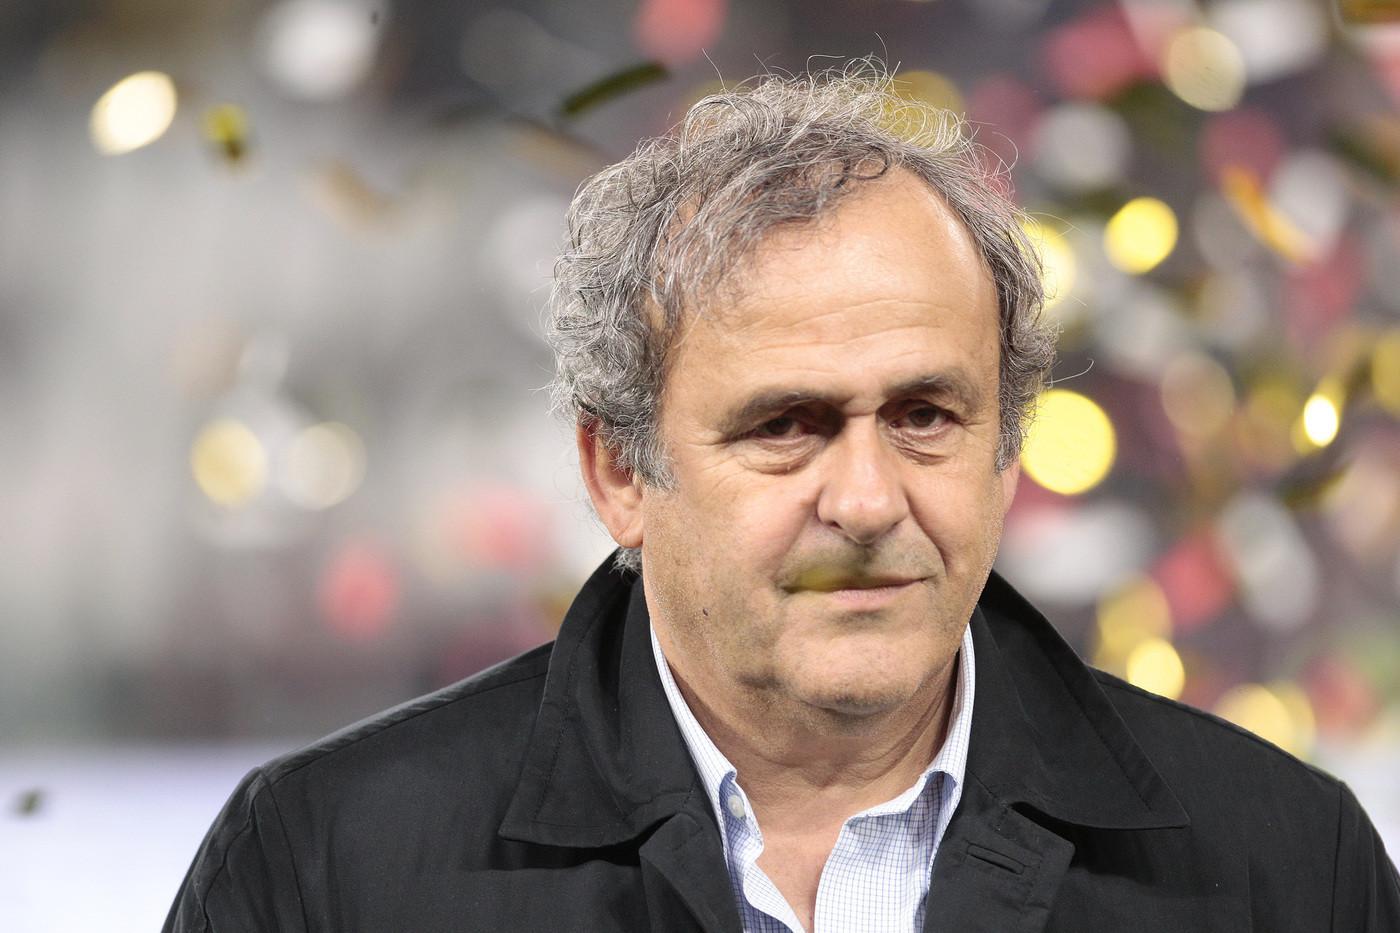 Mondiali Qatar 2022, Platini rilasciato dopo il fermo e l'interrogatorio per corruzione